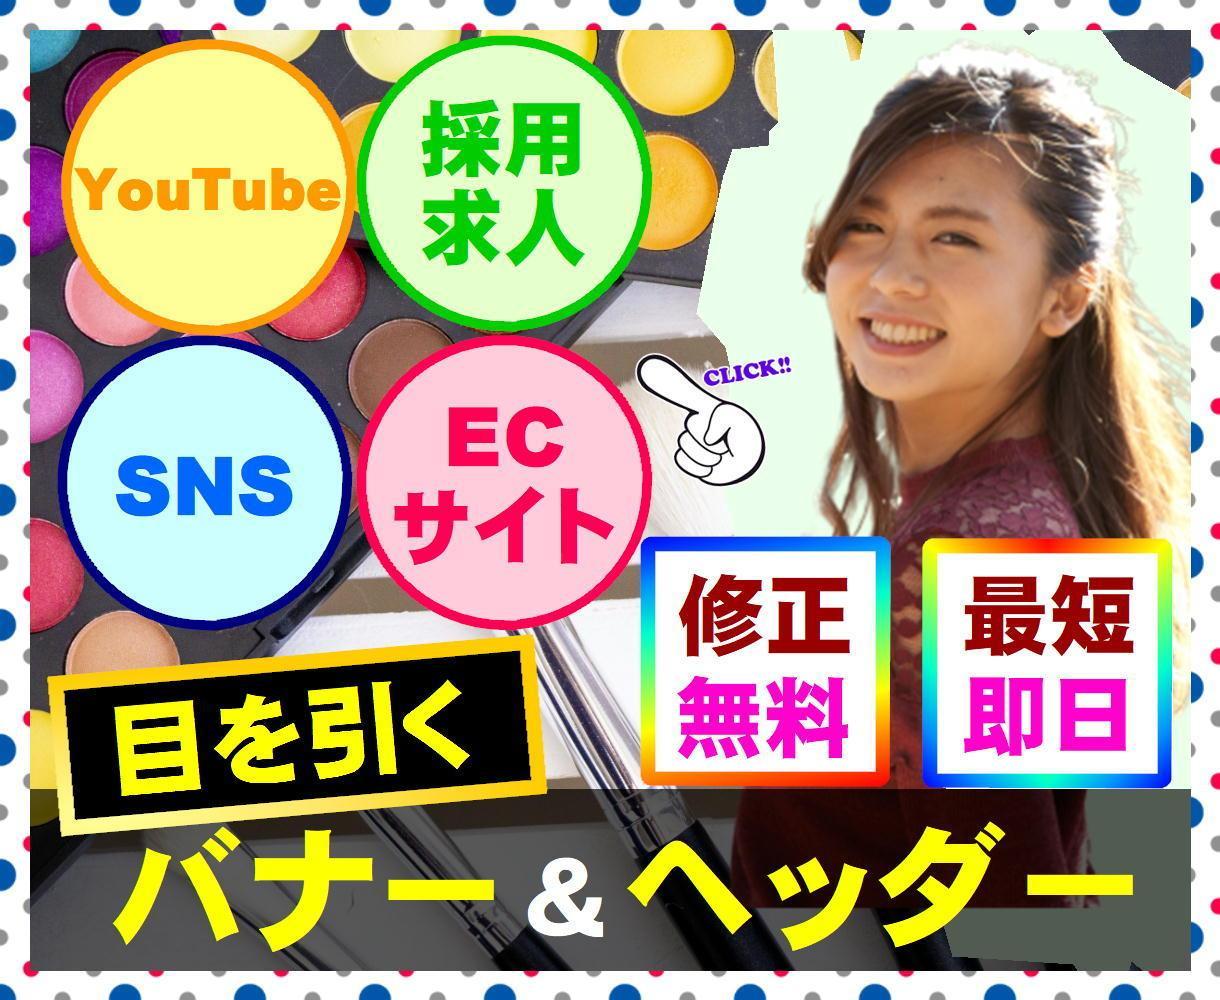 限定15名☆★カッコイイ&カワイイ画像作成承ります SNS用/YouTube用/求人用、様々なニーズに対応♬